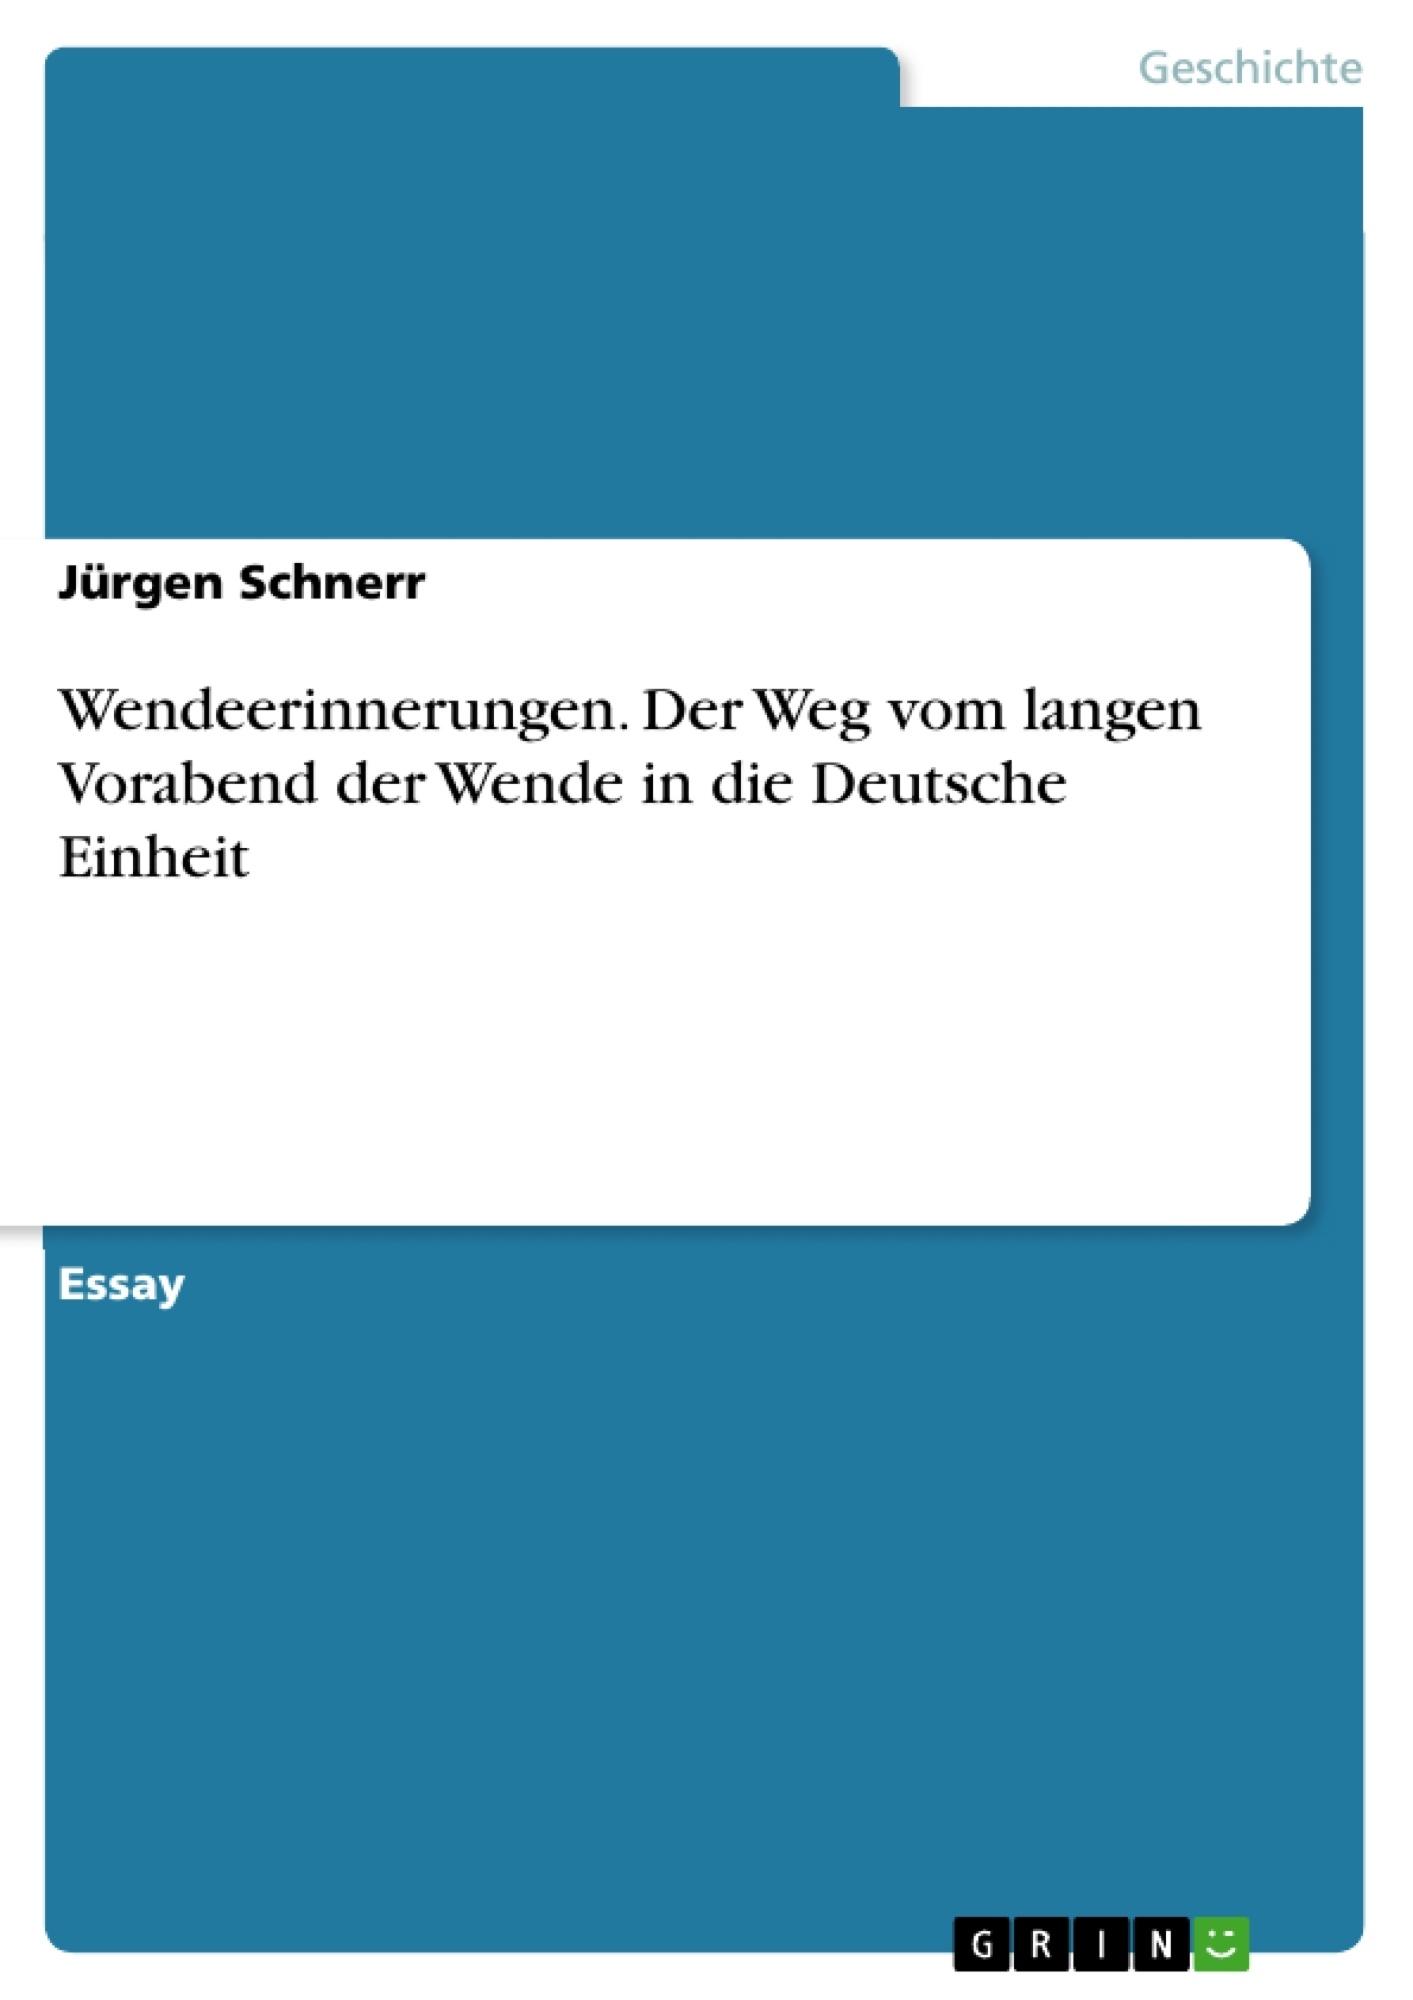 Titel: Wendeerinnerungen. Der Weg vom langen Vorabend der Wende in die Deutsche Einheit